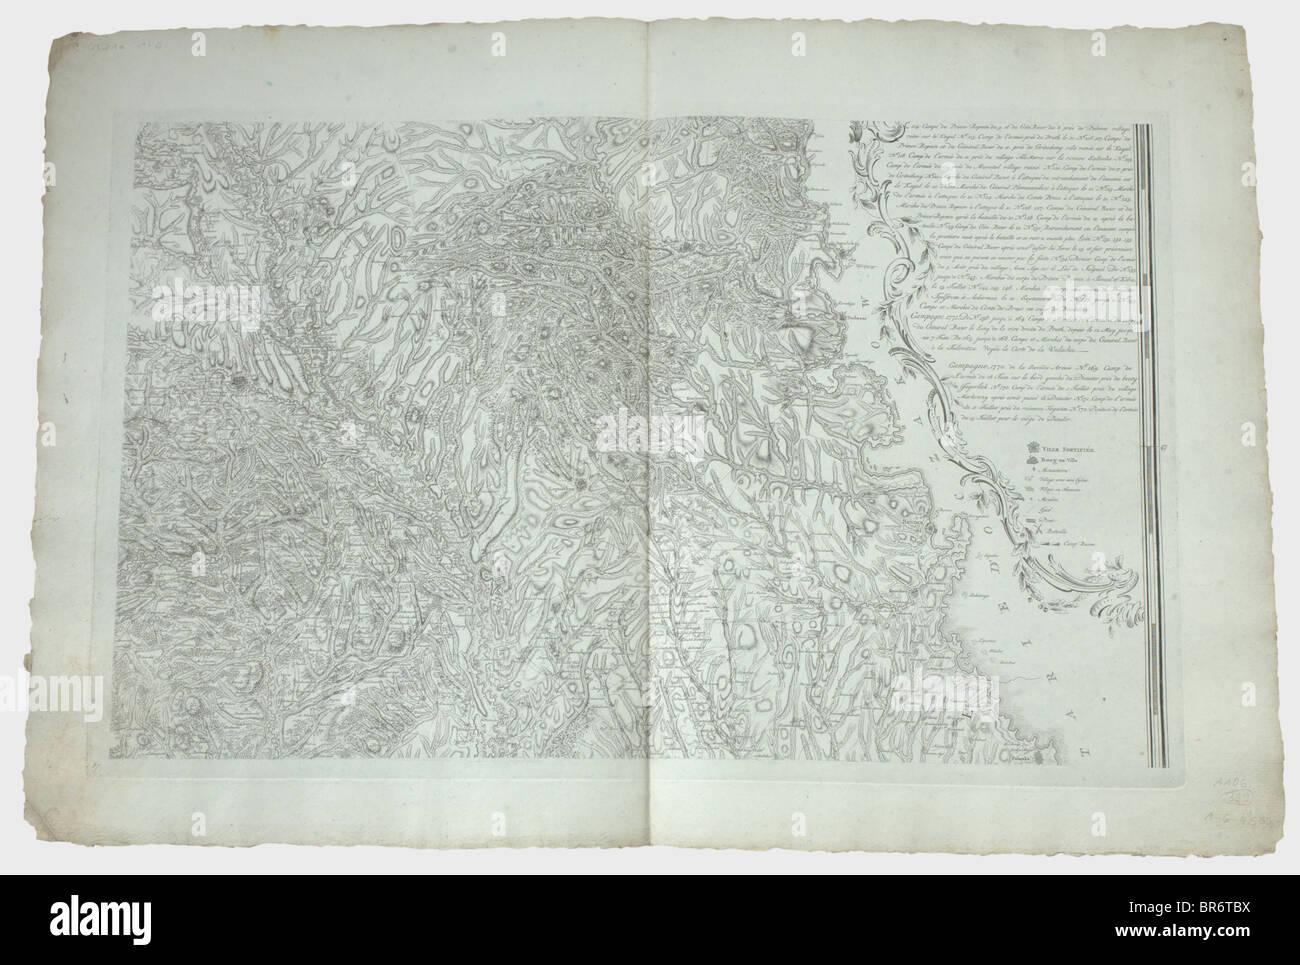 A six-piece map of Moldavia, titled 'Carte de la Moldavie pour servire à l'Histoire militaire de la - Stock Image